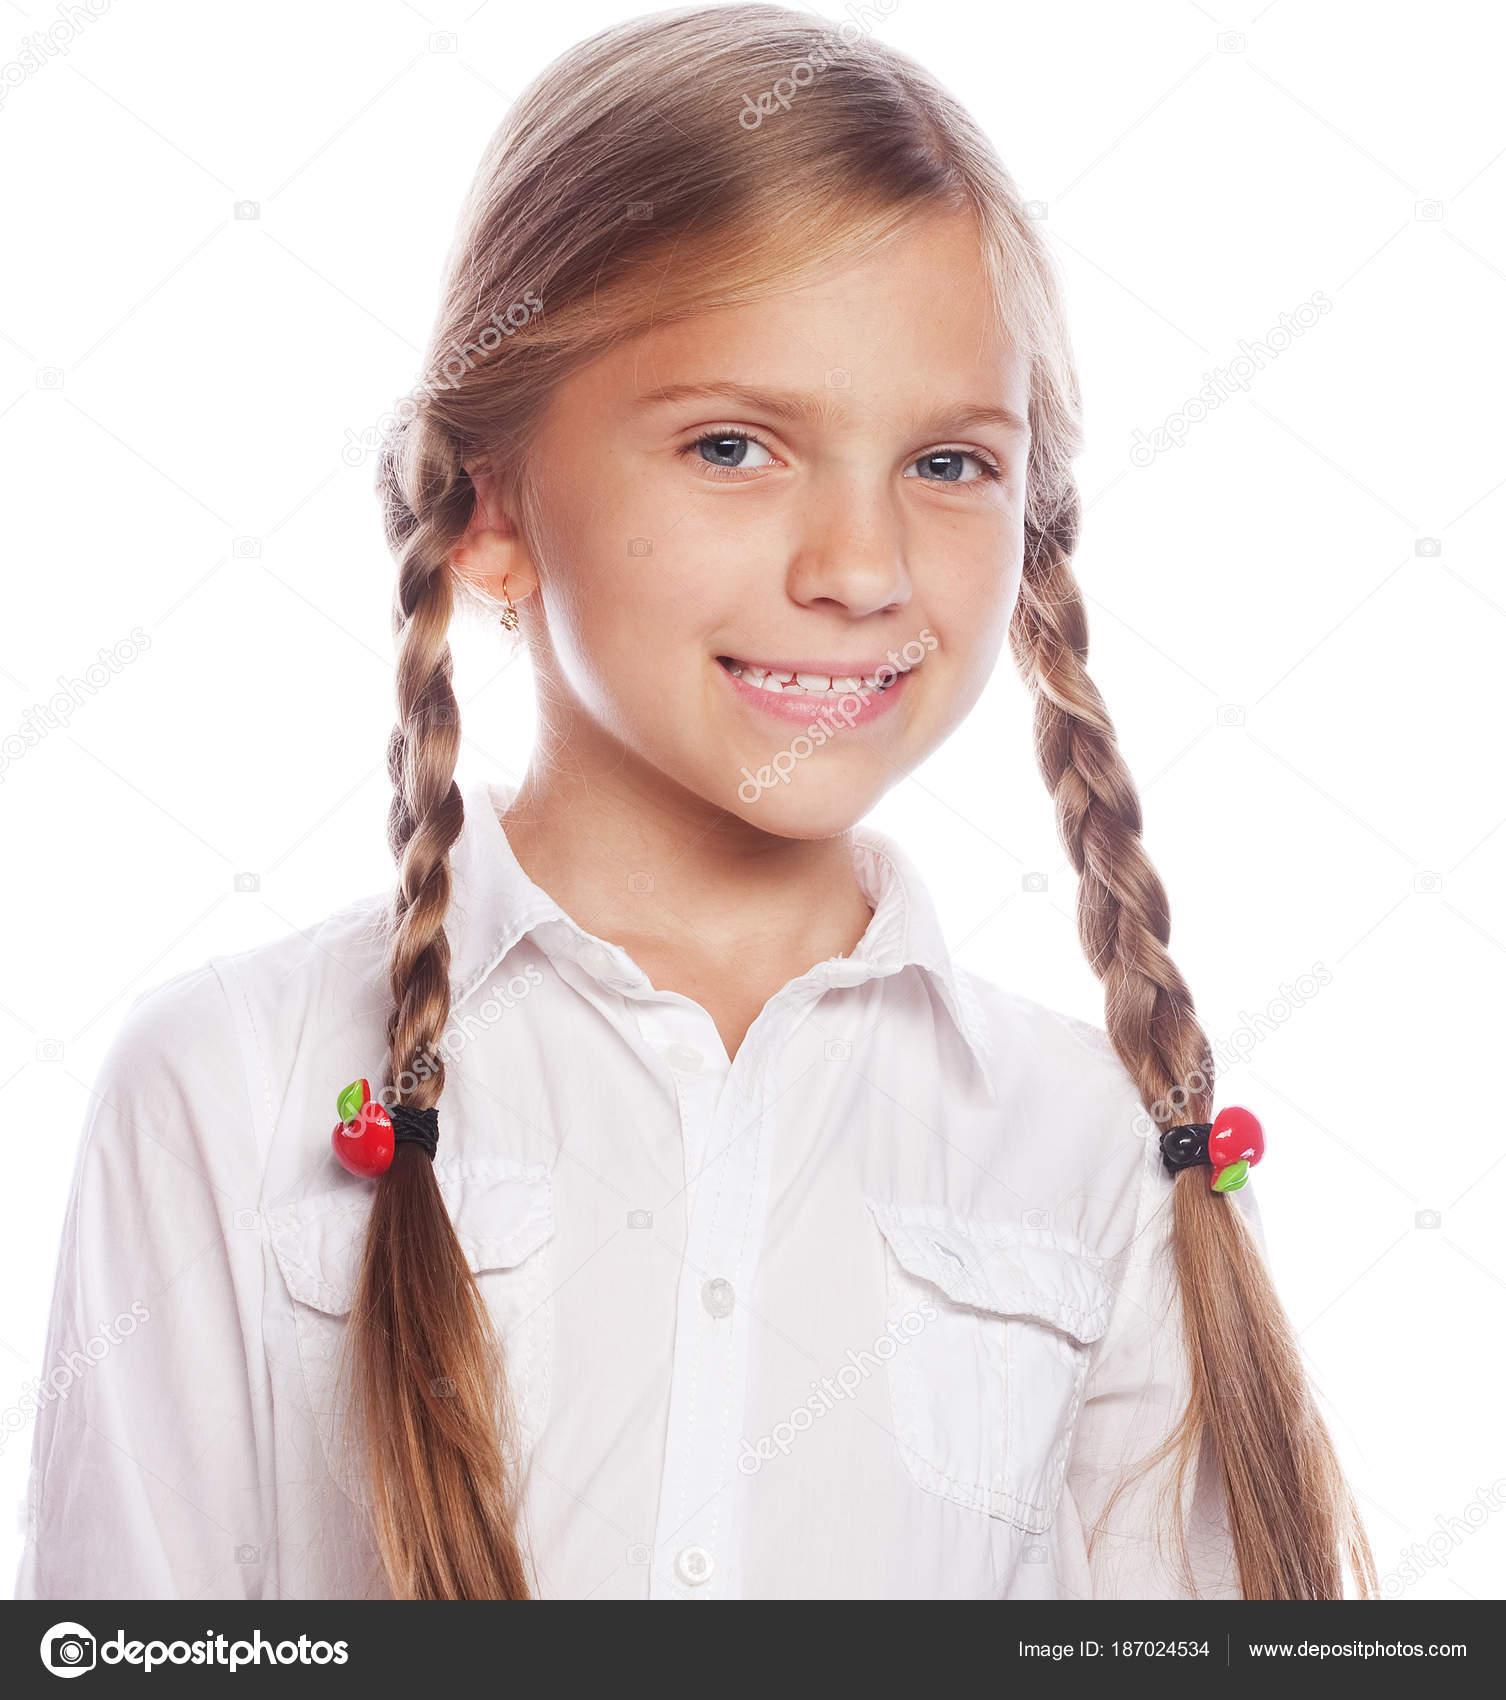 Blond pigtails